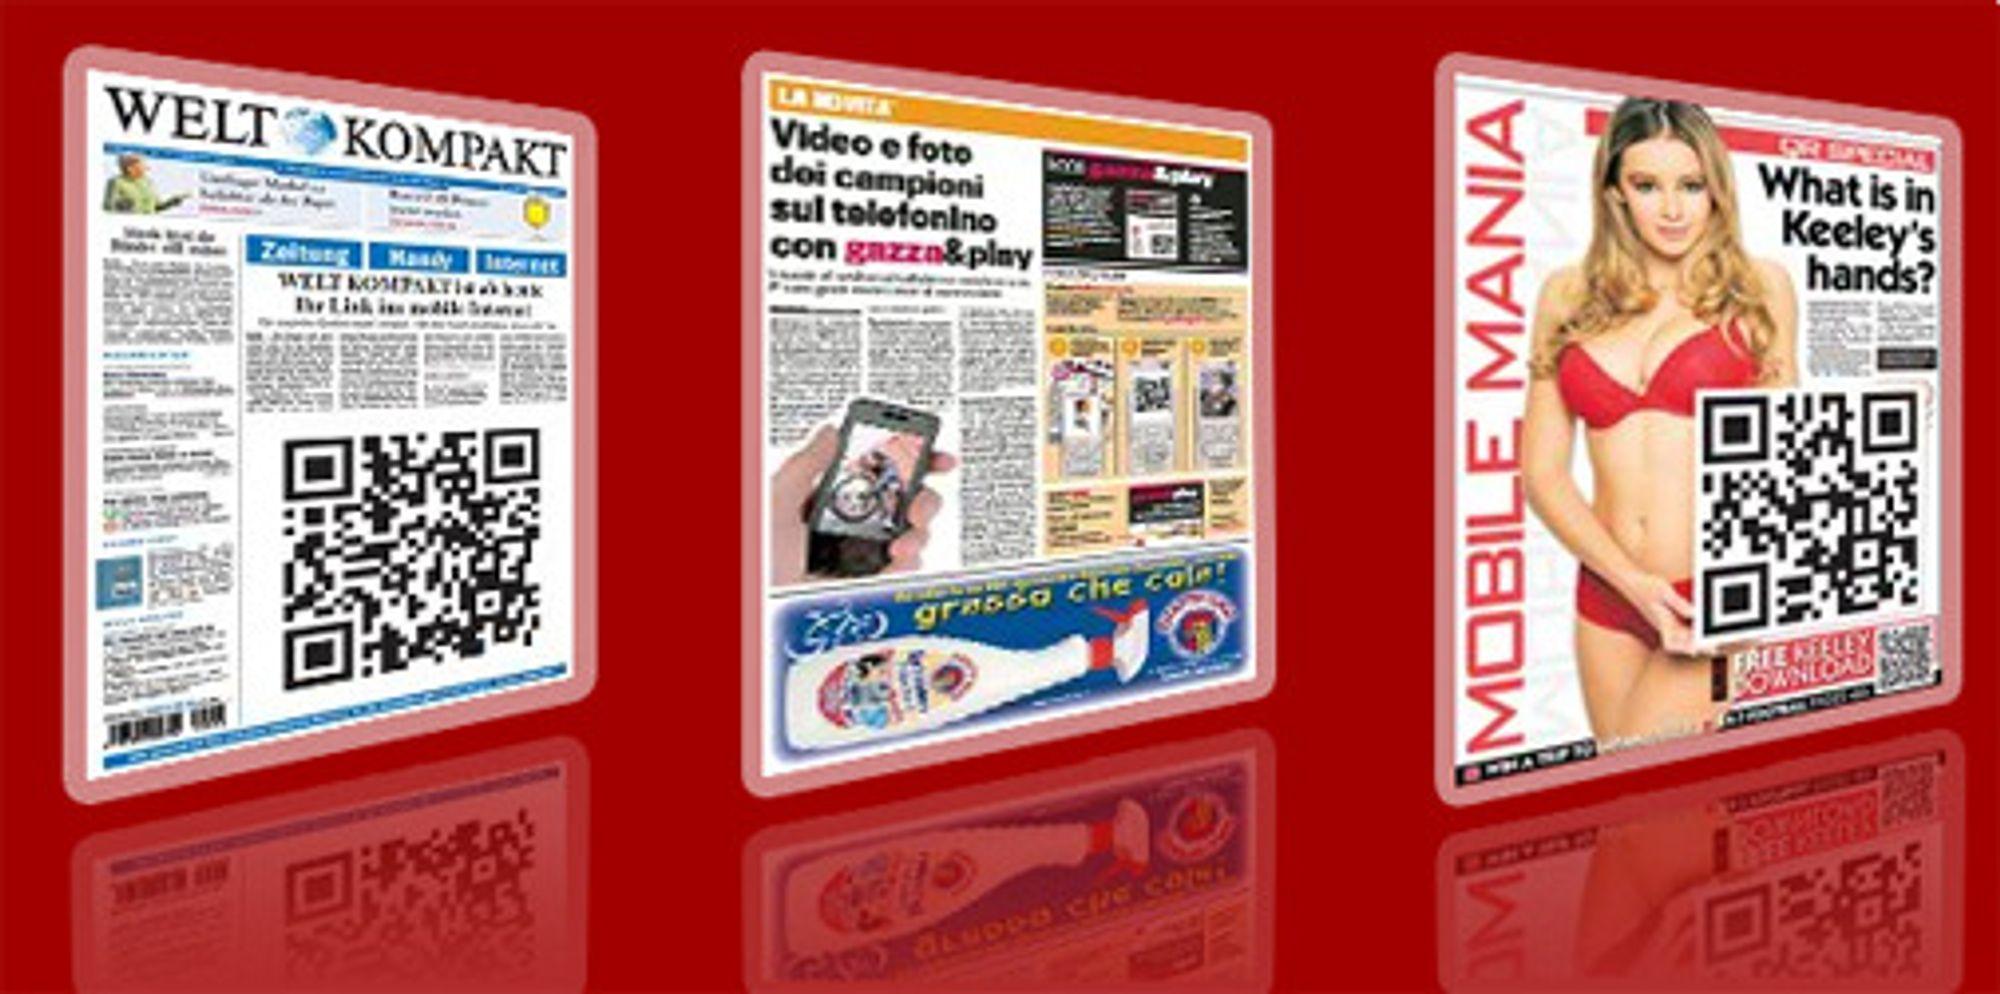 Eksempler på mobile strekkoder i aviser og blader.